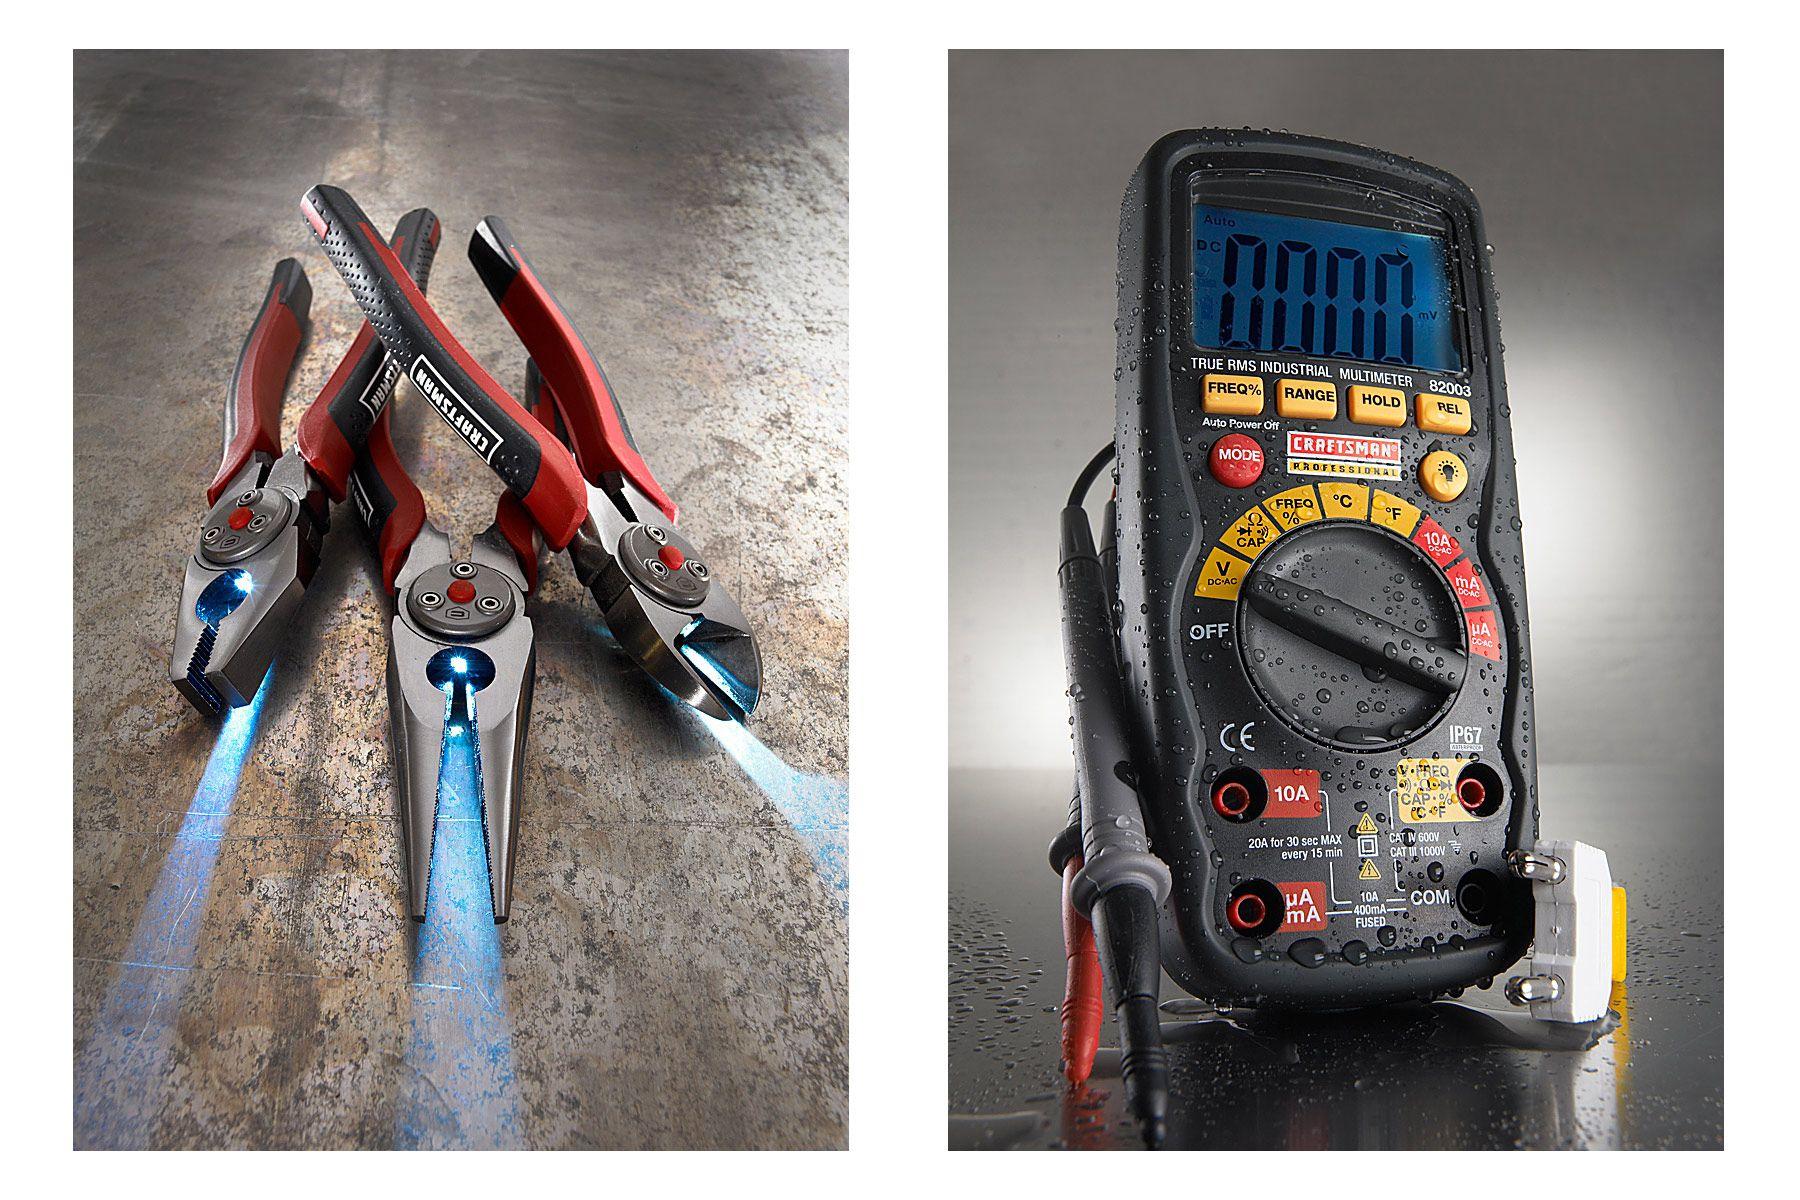 Pliers,-Meter-2-Images.jpg